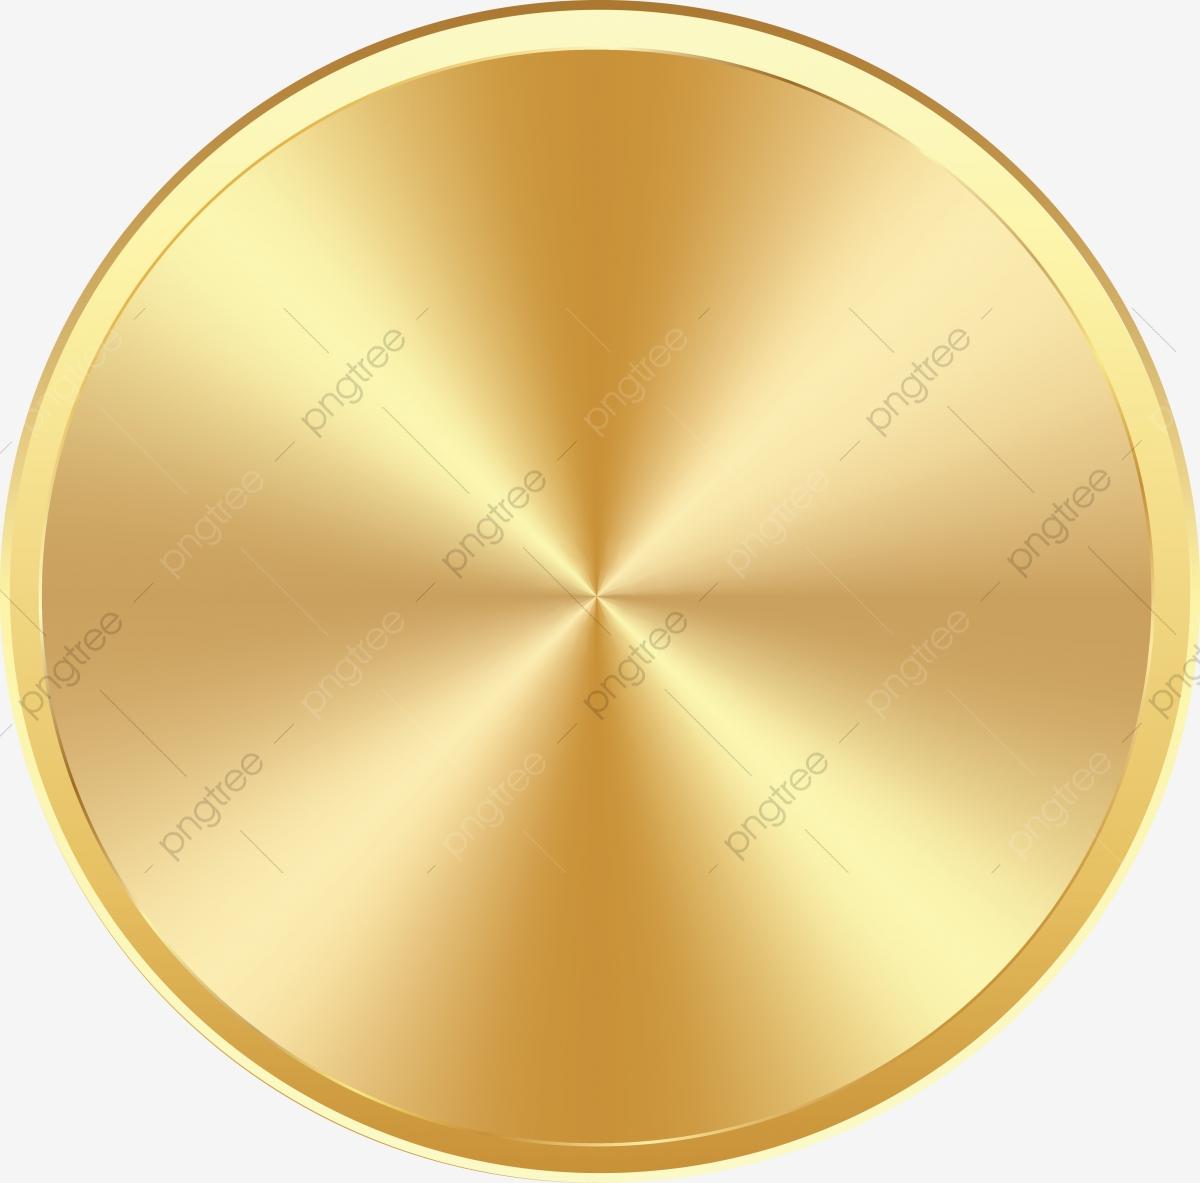 Círculo De Metal Ouro, Círculo De Ouro, Goldcircle, Ouro PNG.